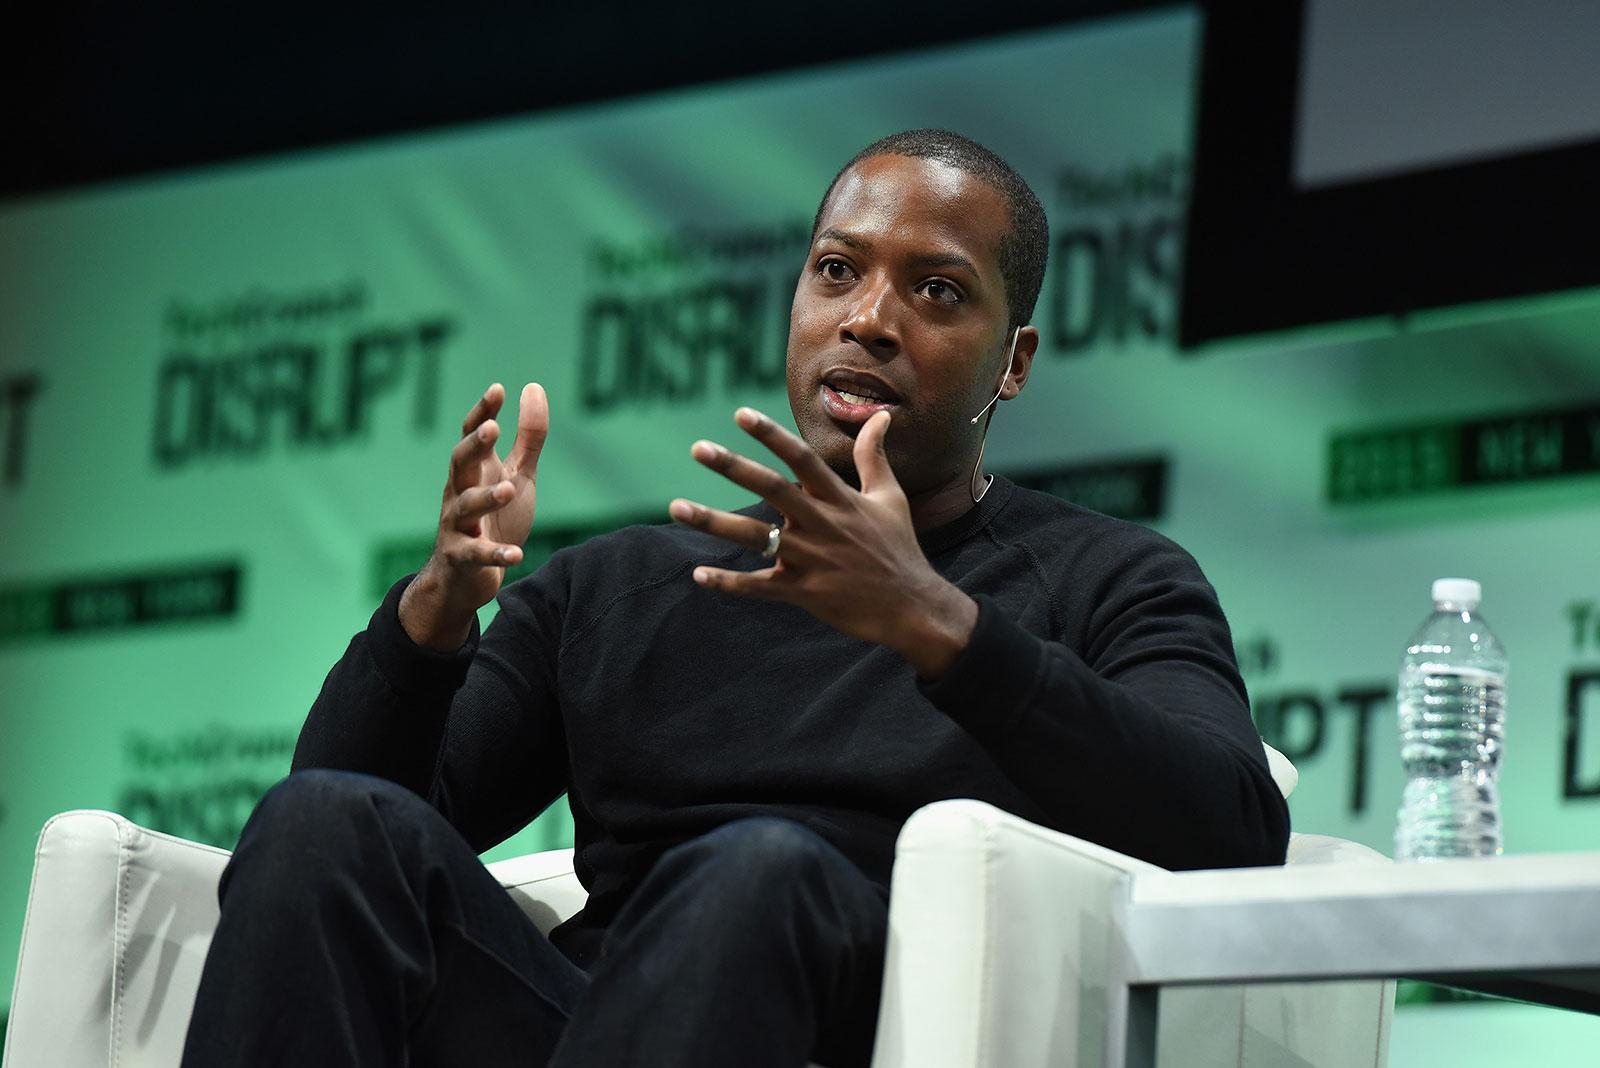 Tristan Walker speaks during TechCrunch Disrupt in New York in 2015.